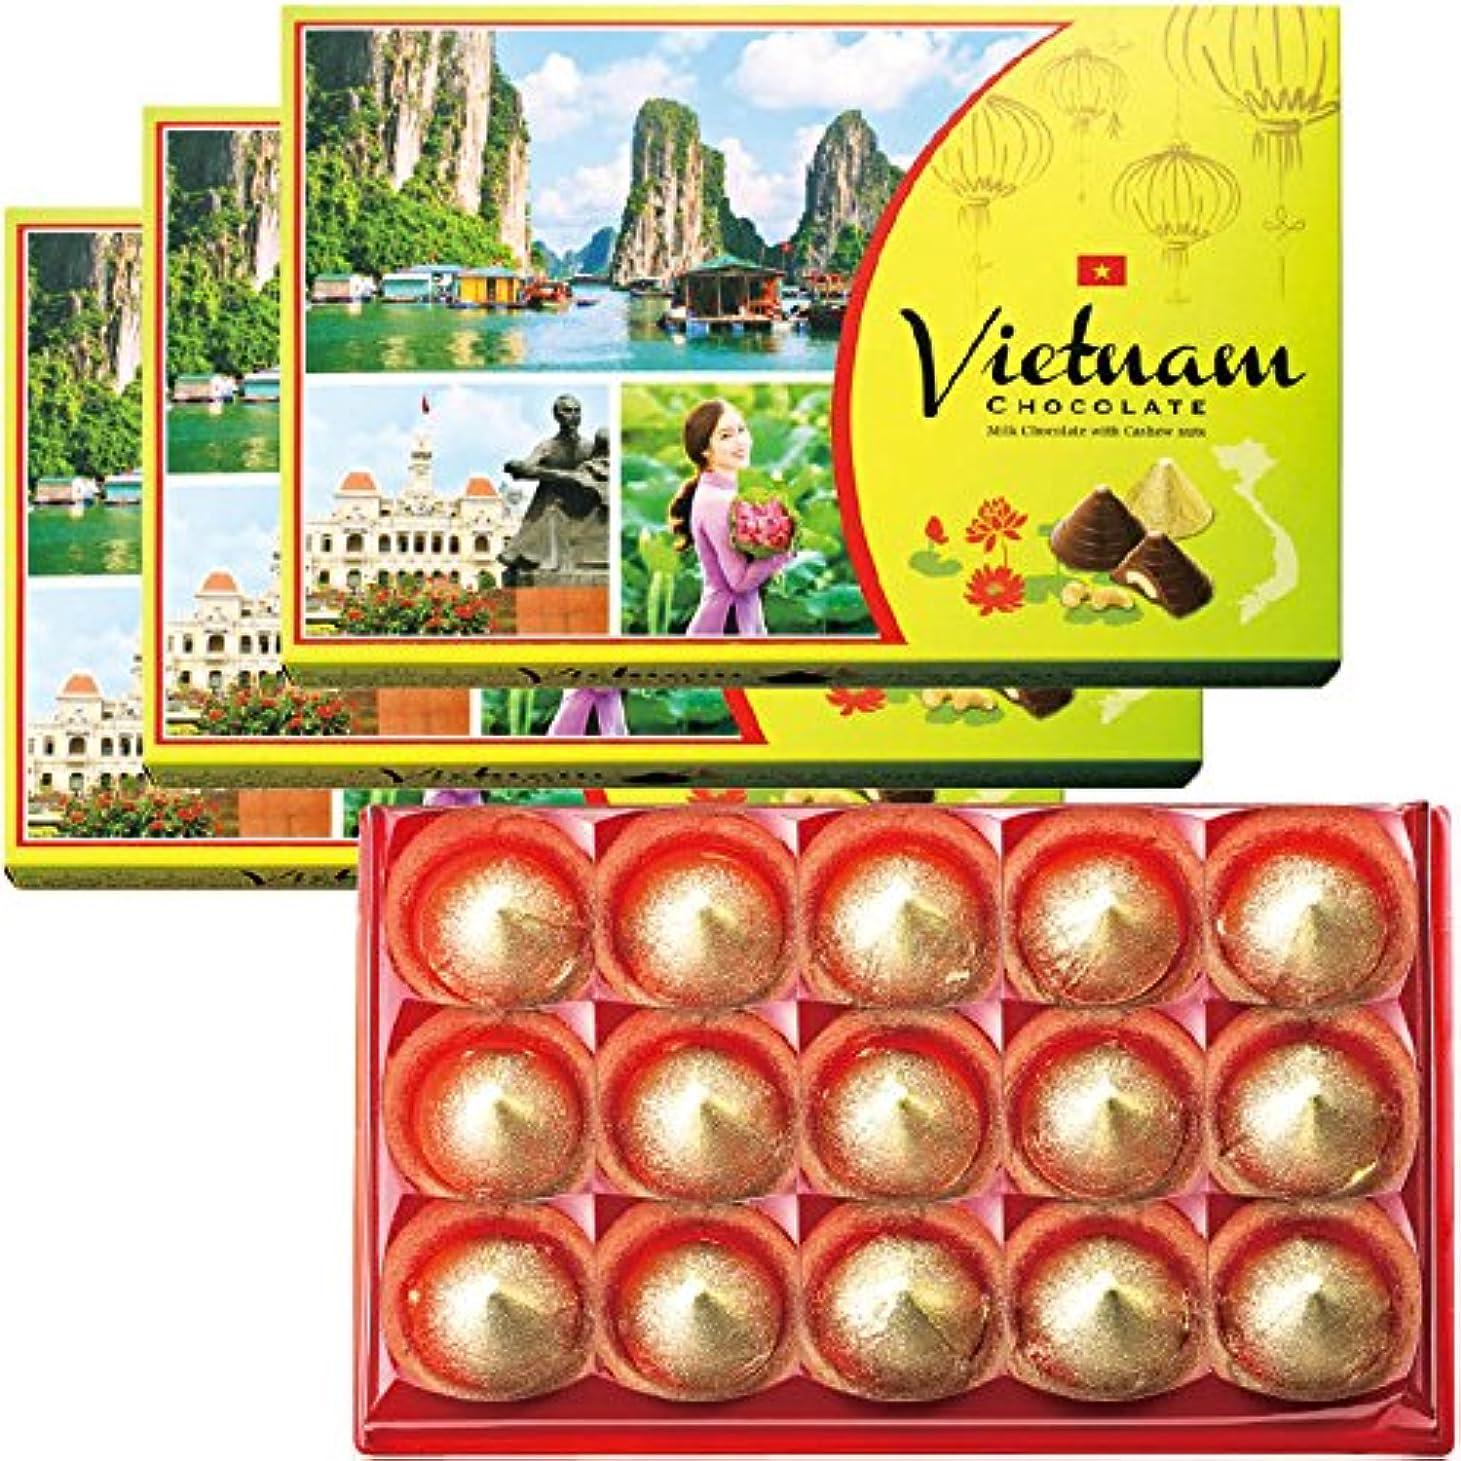 近似火シマウマベトナム 土産 ベトナム カシューナッツチョコレート 3箱セット (海外旅行 ベトナム お土産)